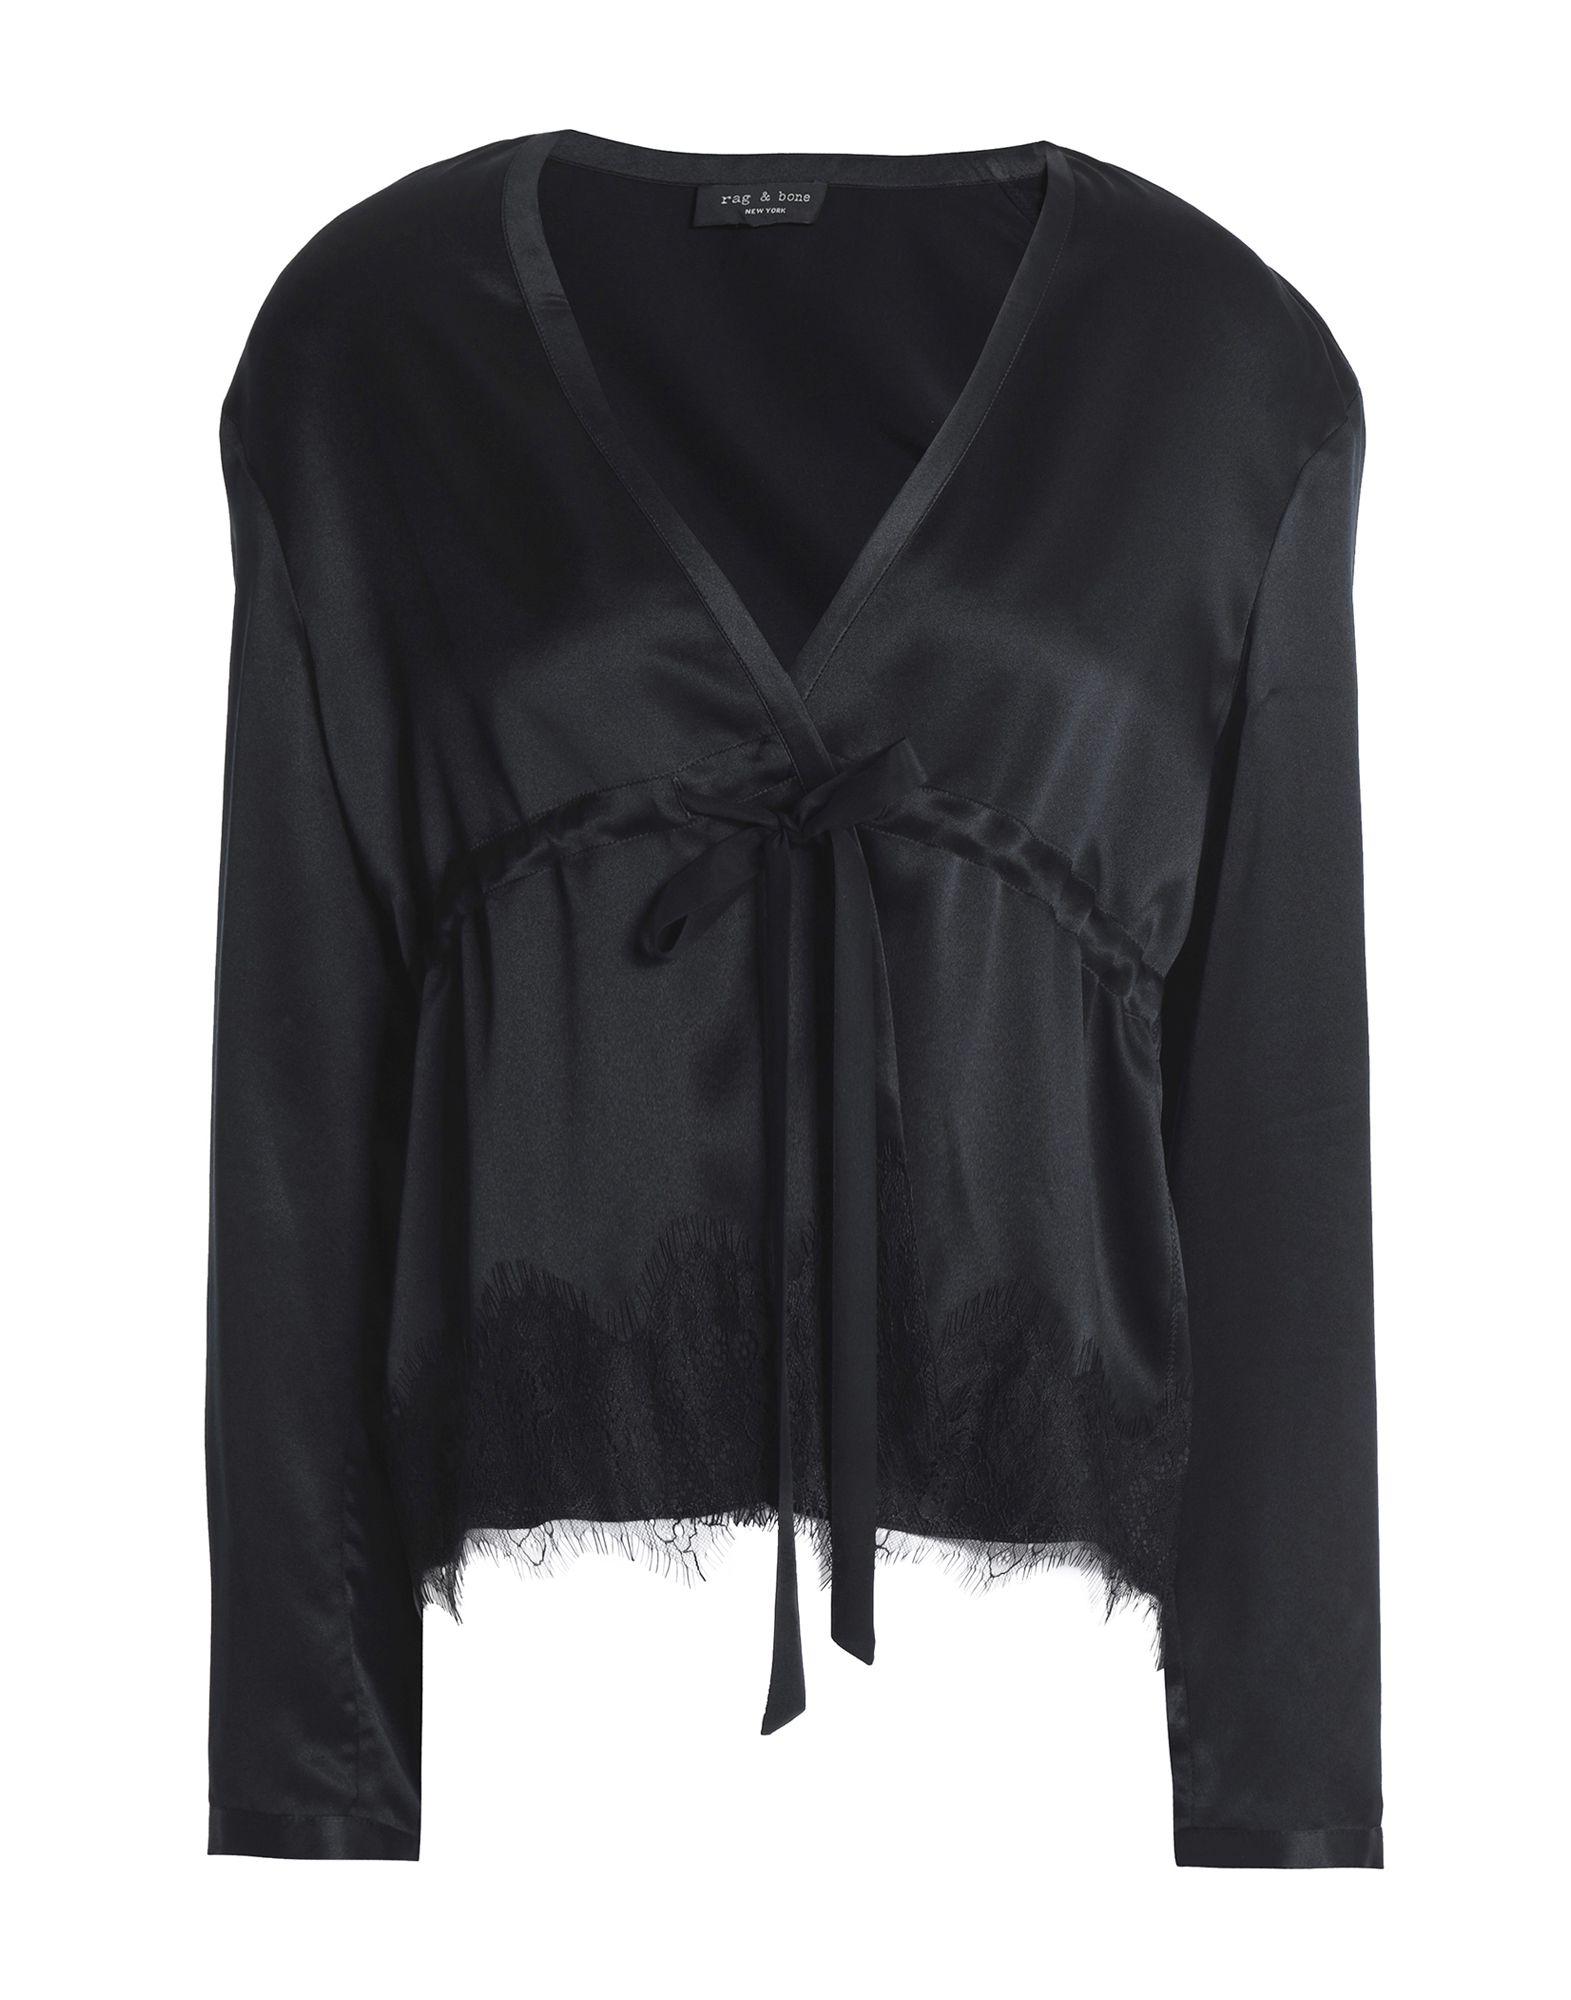 Camicie E bluse bluse In Pizzo Rag & Bone donna - 38849601CI  große Auswahl und schnelle Lieferung